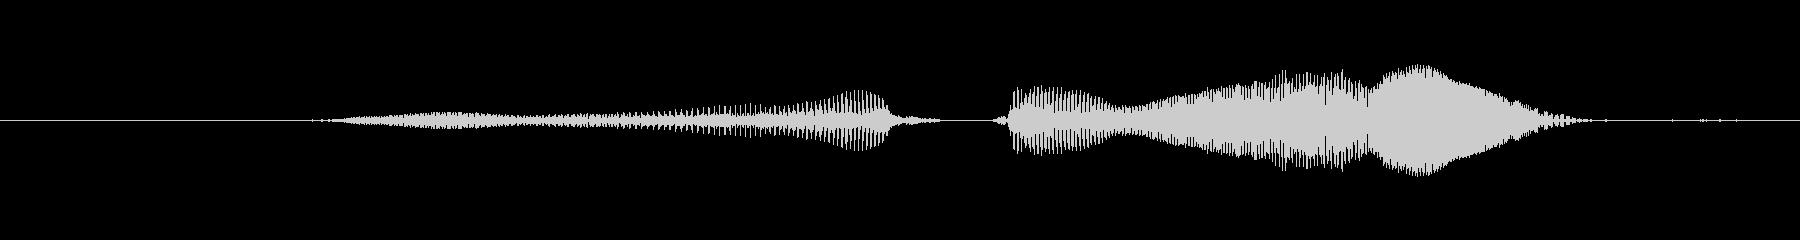 やばい…の未再生の波形